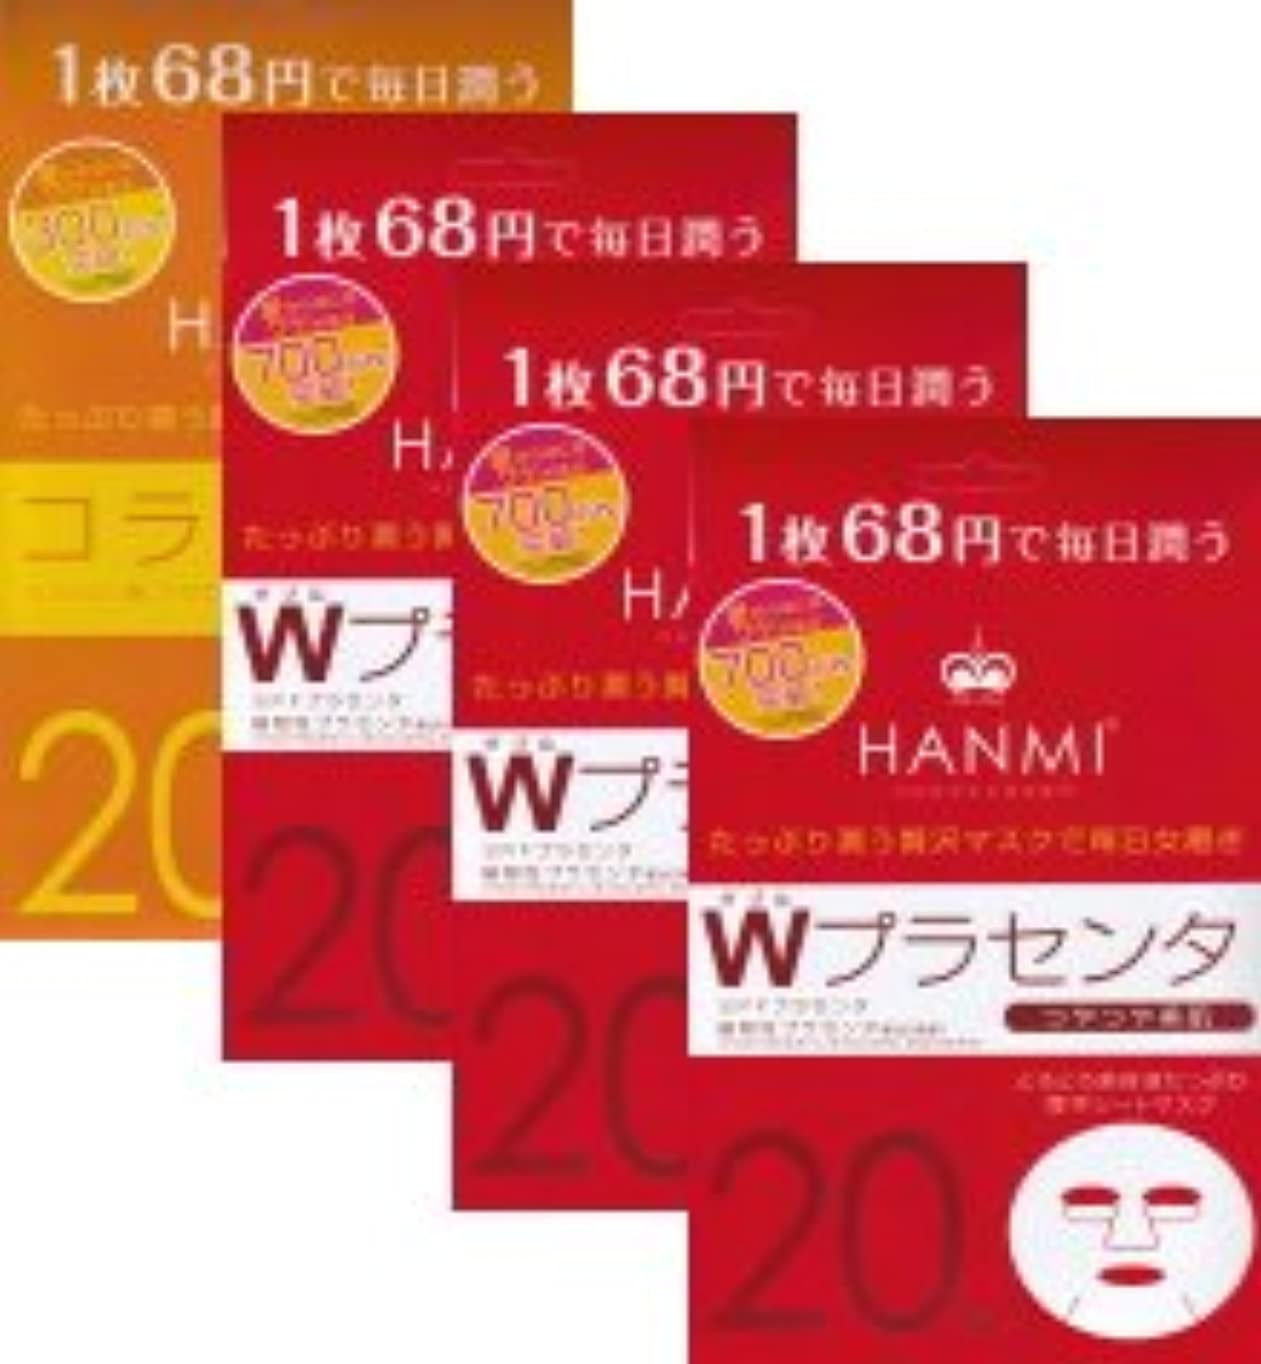 タフ生産性シャッターMIGAKI ハンミフェイスマスク(20枚入り)「コラーゲン×1個」「Wプラセンタ×3個」の4個セット